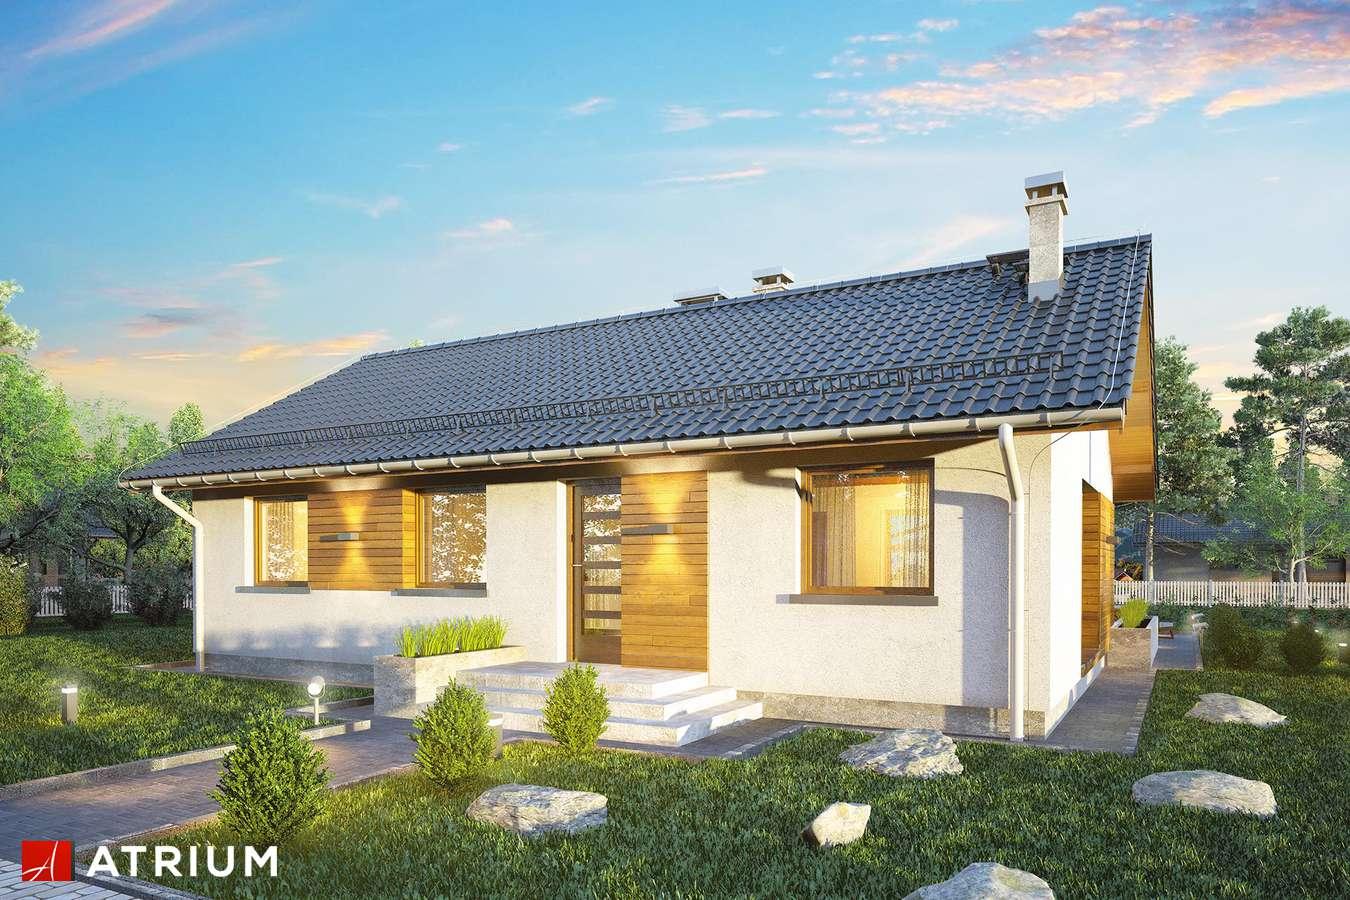 Projekty domów - Projekt domu parterowego AURORA MIDI - wizualizacja 2